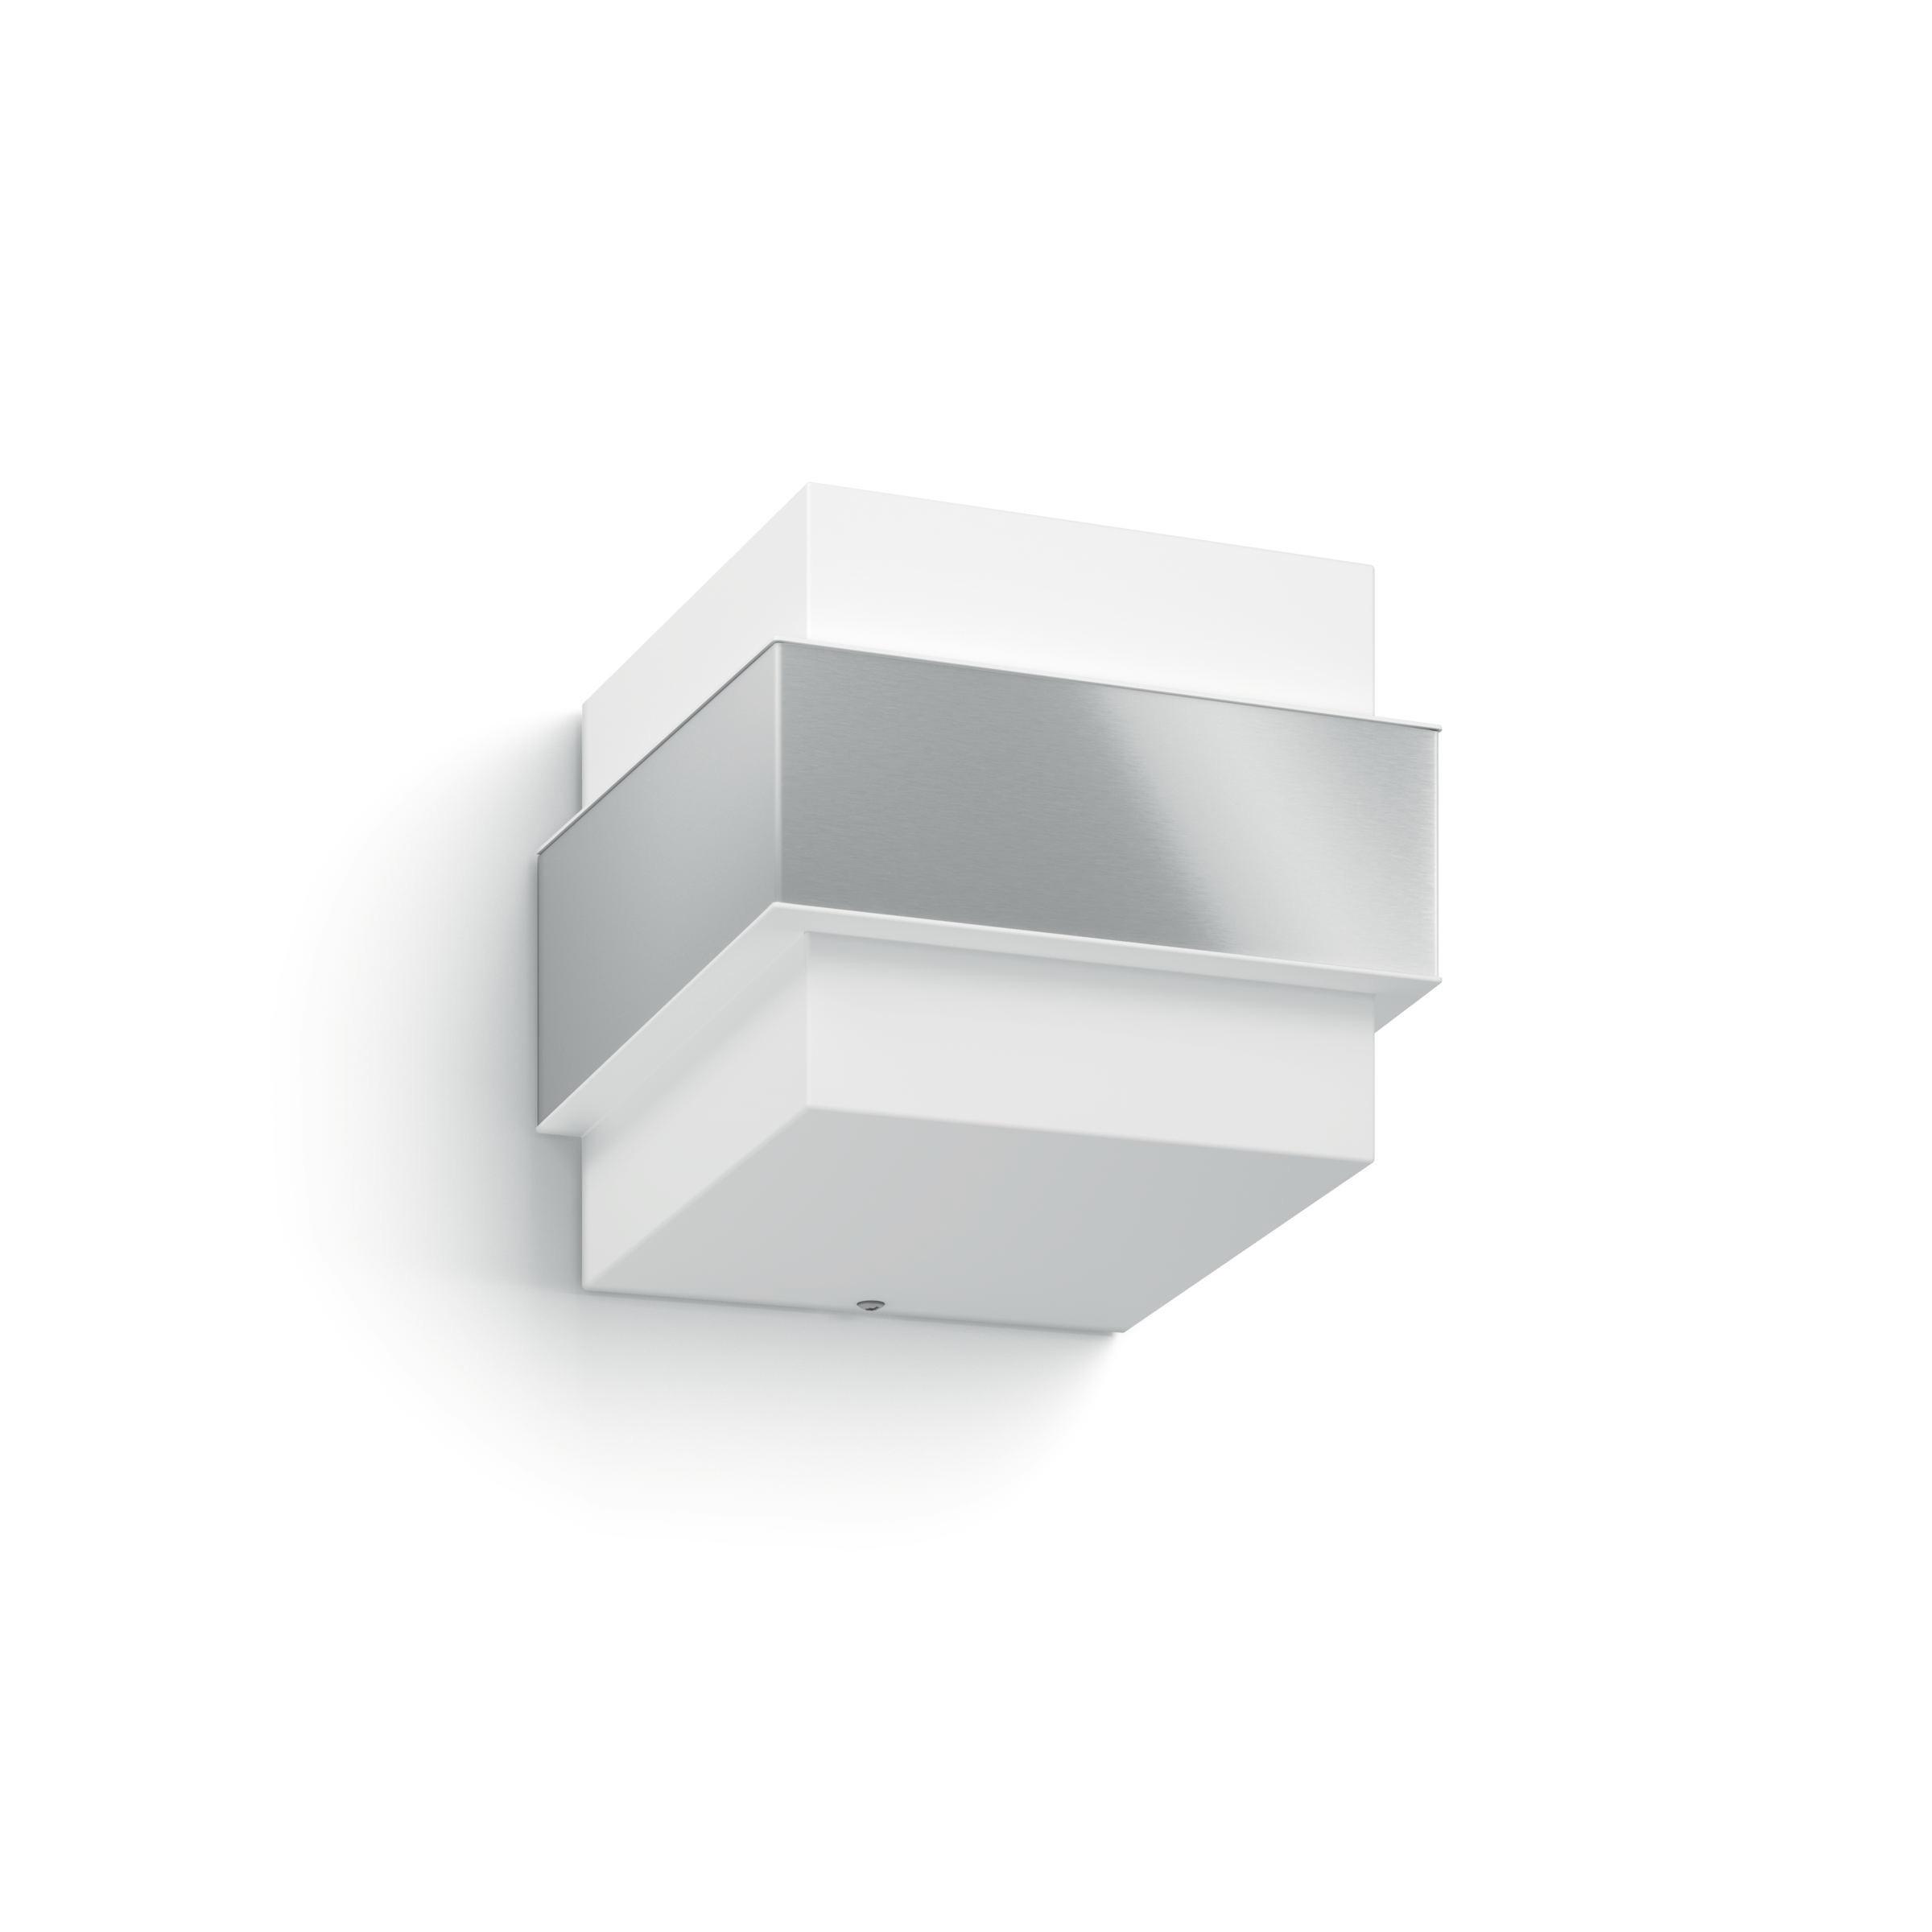 LED-AUßENLEUCHTE - Edelstahlfarben/Weiß, MODERN, Kunststoff/Metall (14,7/12,7/15,5cm) - PHILIPS